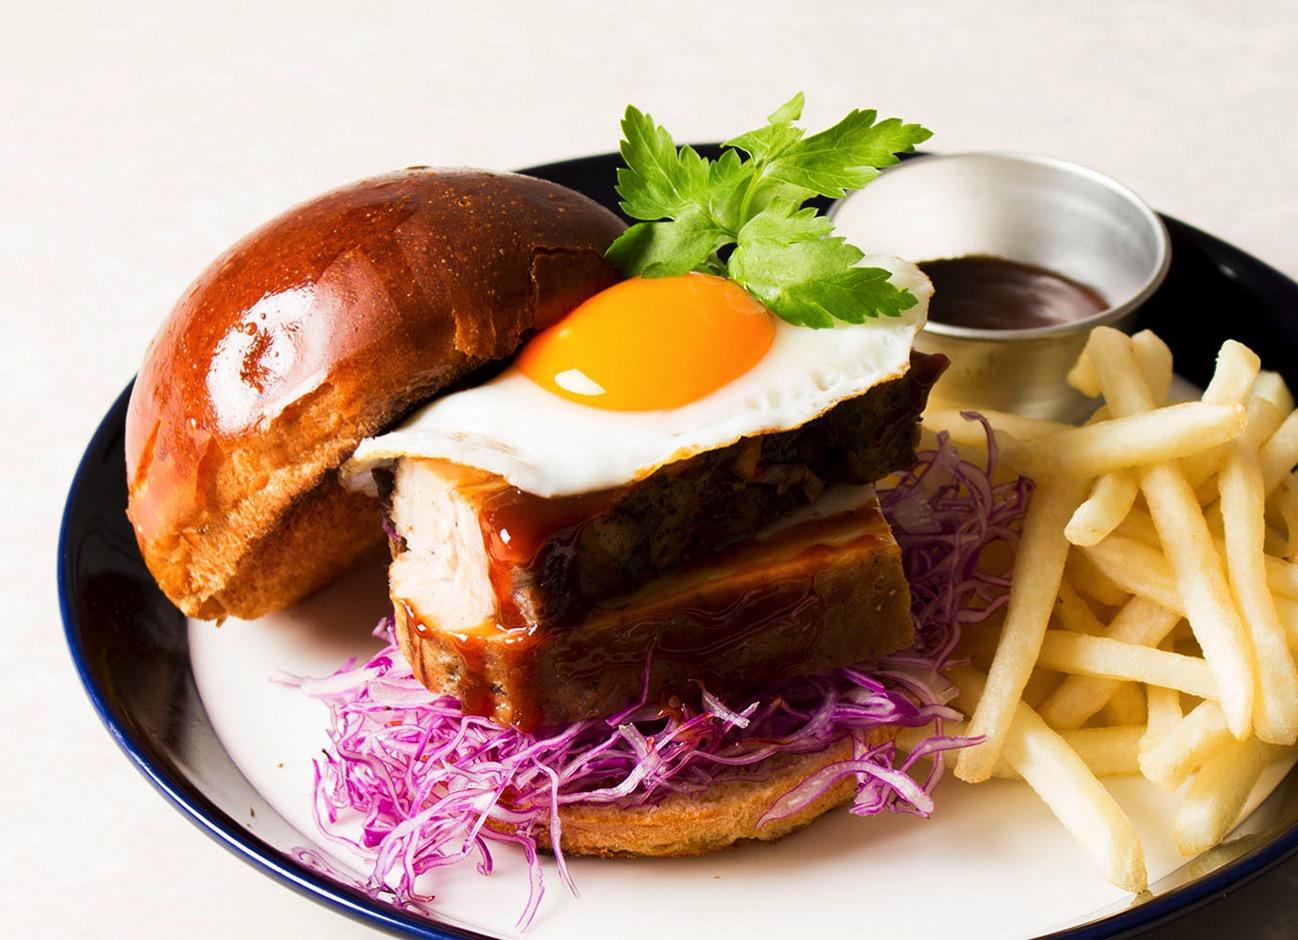 グルメバーガーカフェ「café & dining blue terminal」が横浜 大さん橋に5月26日オープン!